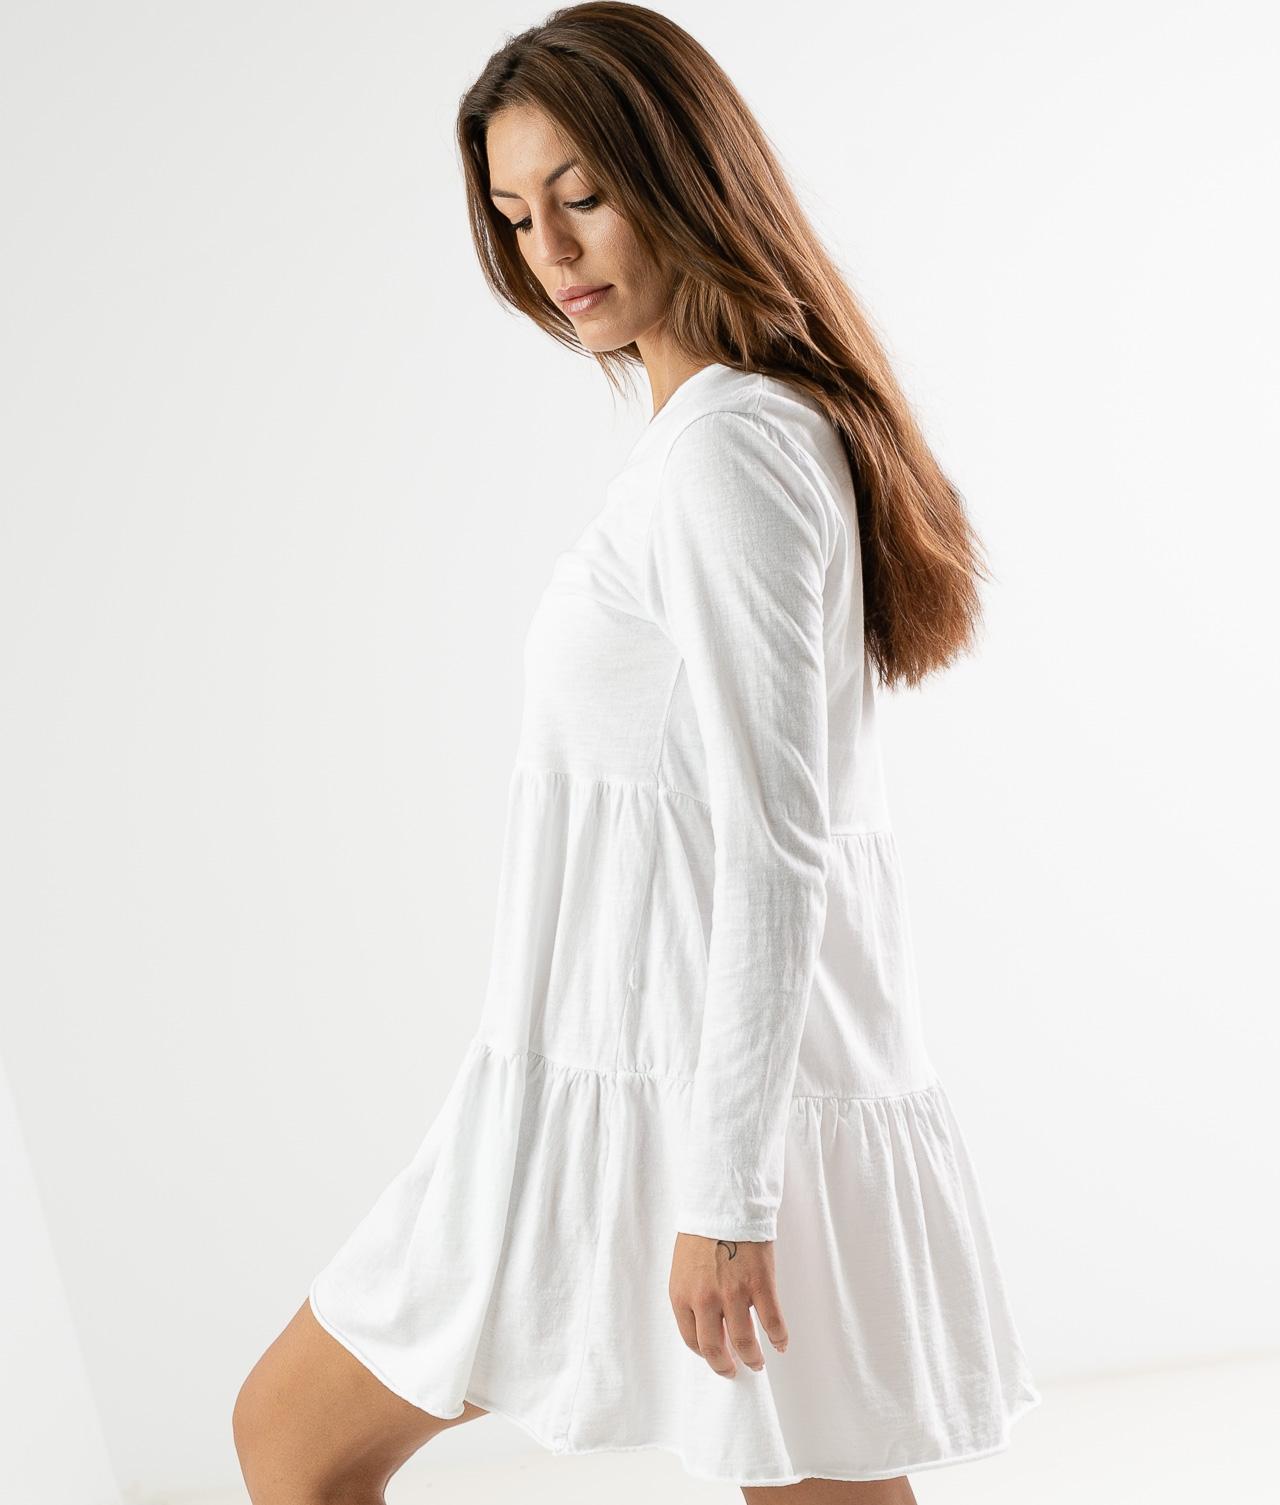 CIMERA DRESS - WHITE